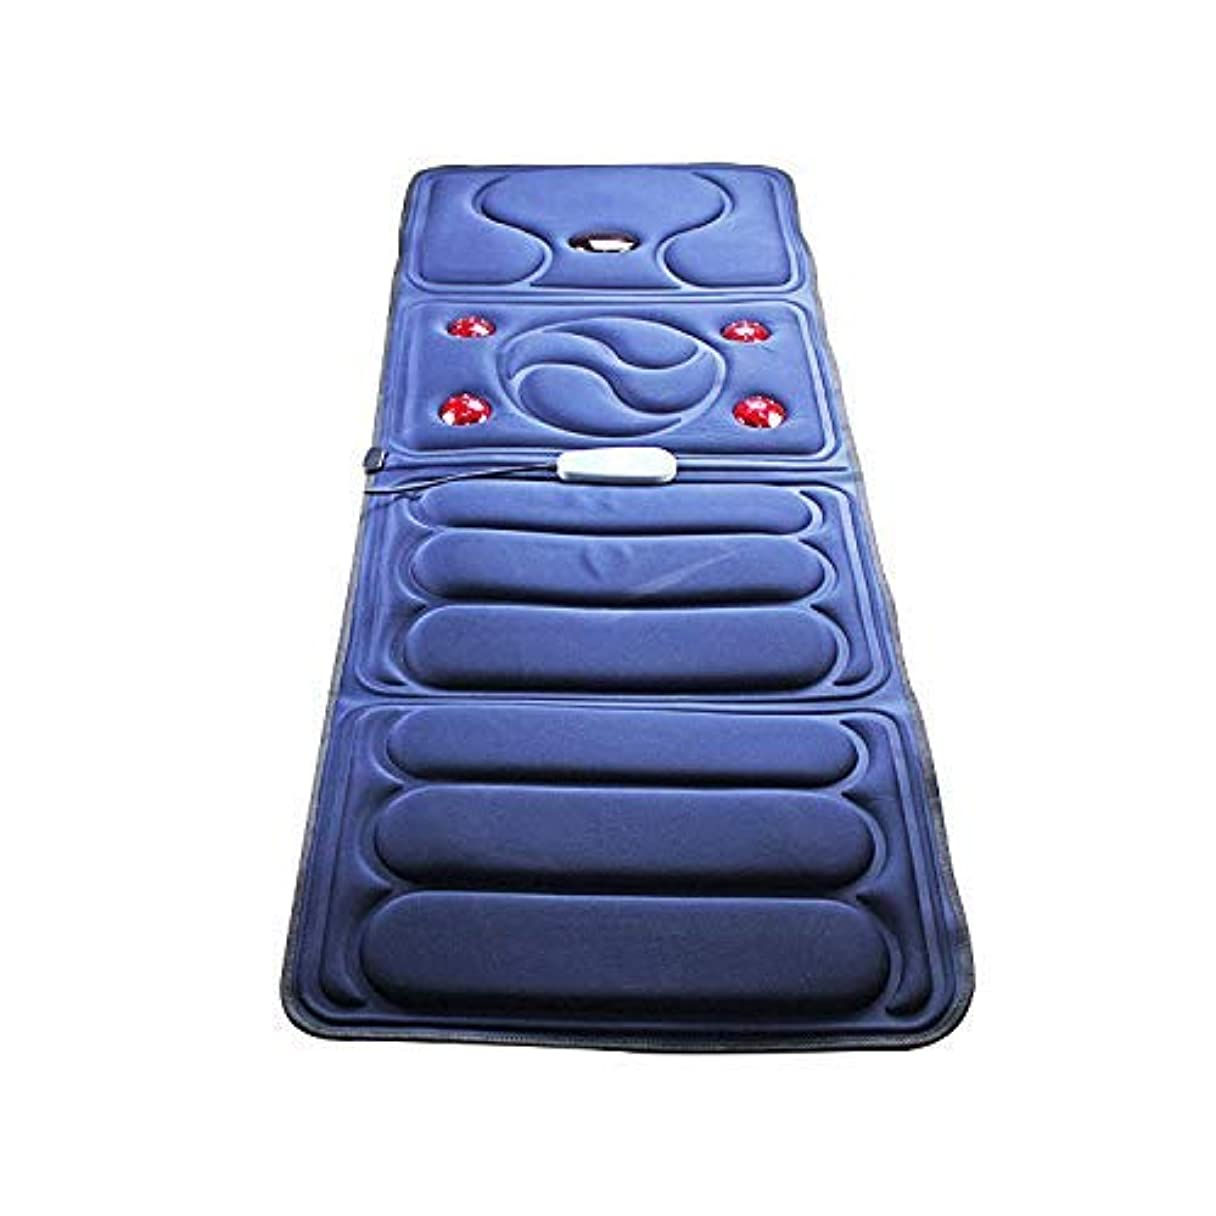 使い込む病弱小石折り畳み式全身マッサージブランケット中高年のヘルスケアマッサージクッション多機能加熱ショックマッサージクッション家庭用マッサージ機器,ブルー